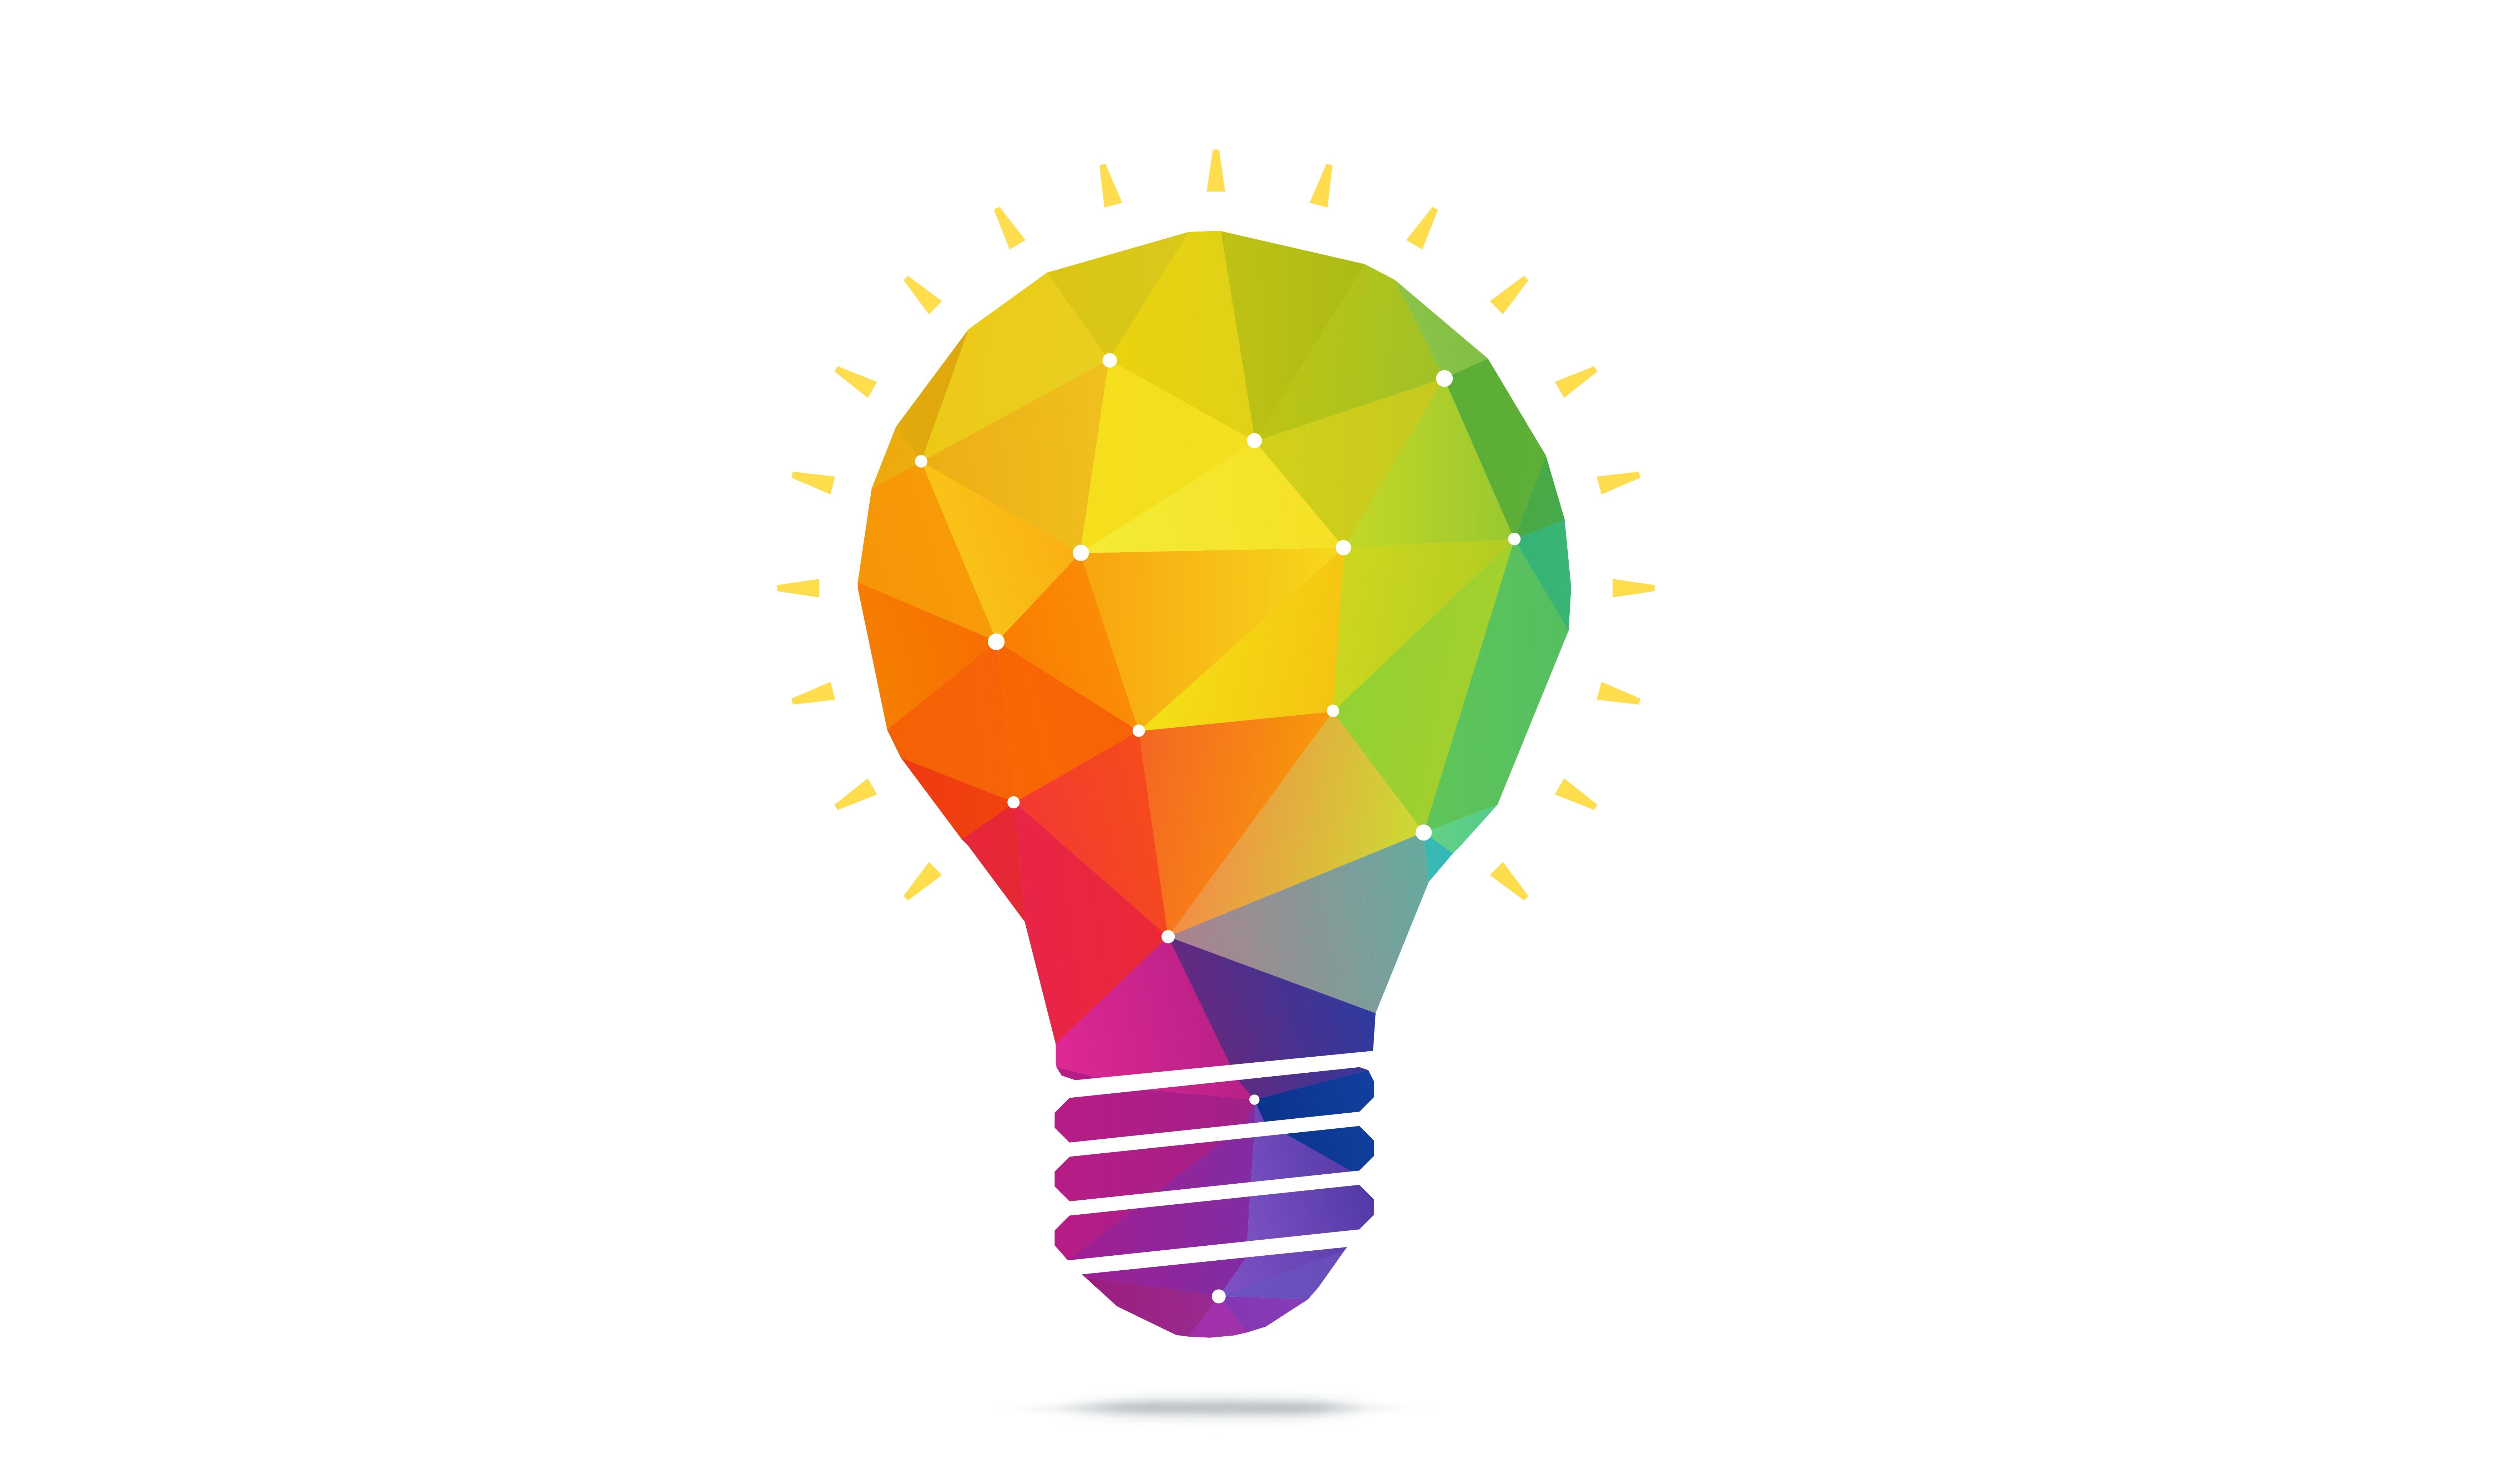 10 ideas sobre ideas para tener una idea 10